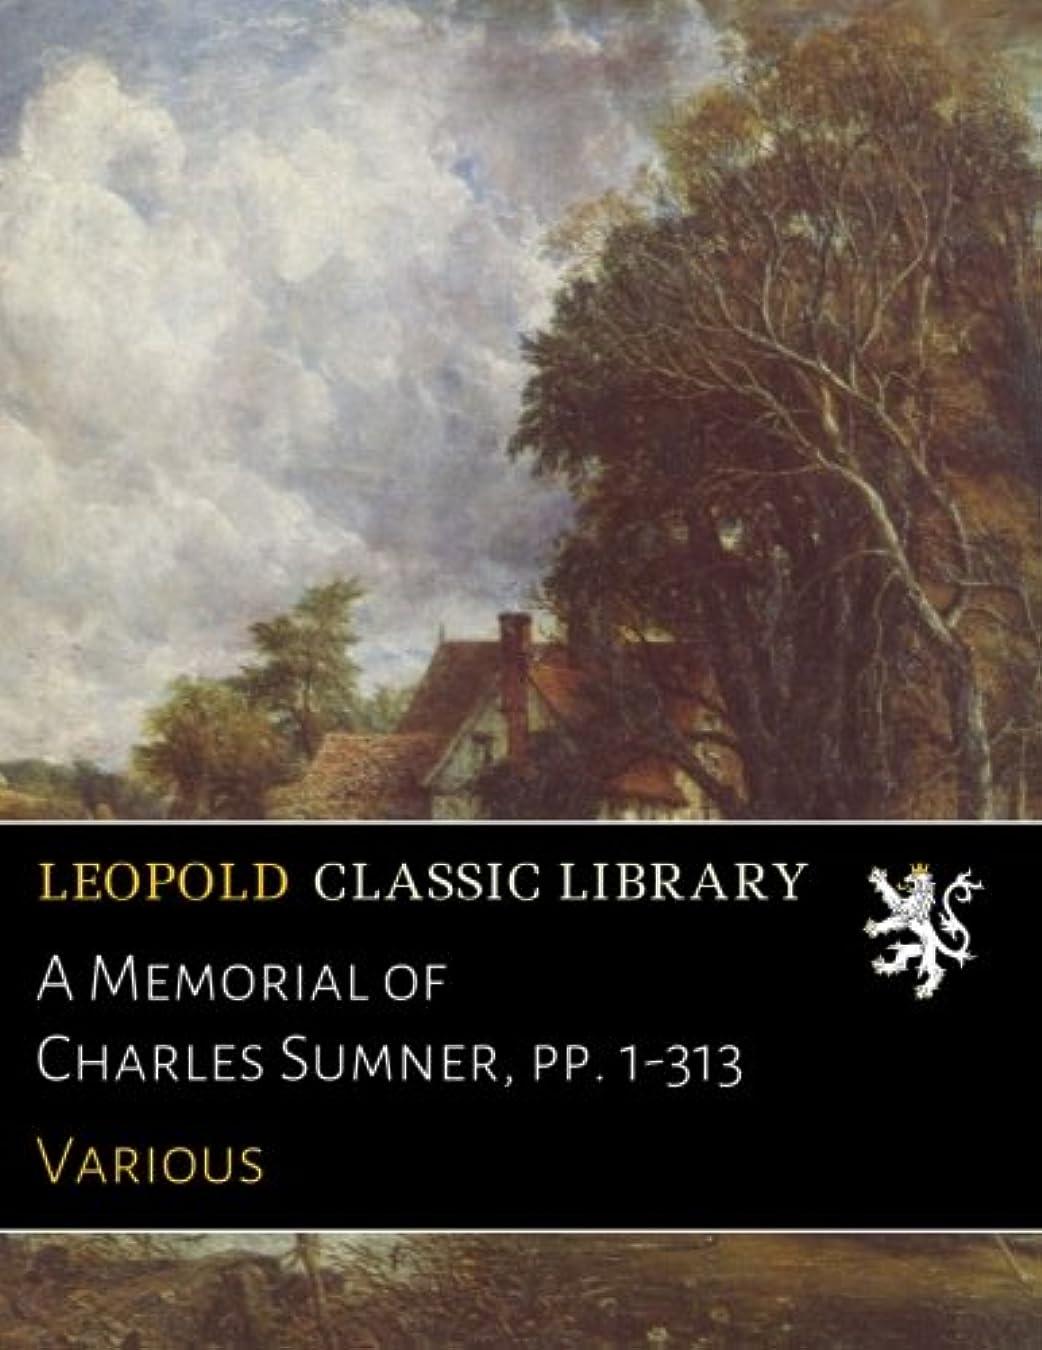 グッゲンハイム美術館平均祈るA Memorial of Charles Sumner, pp. 1-313